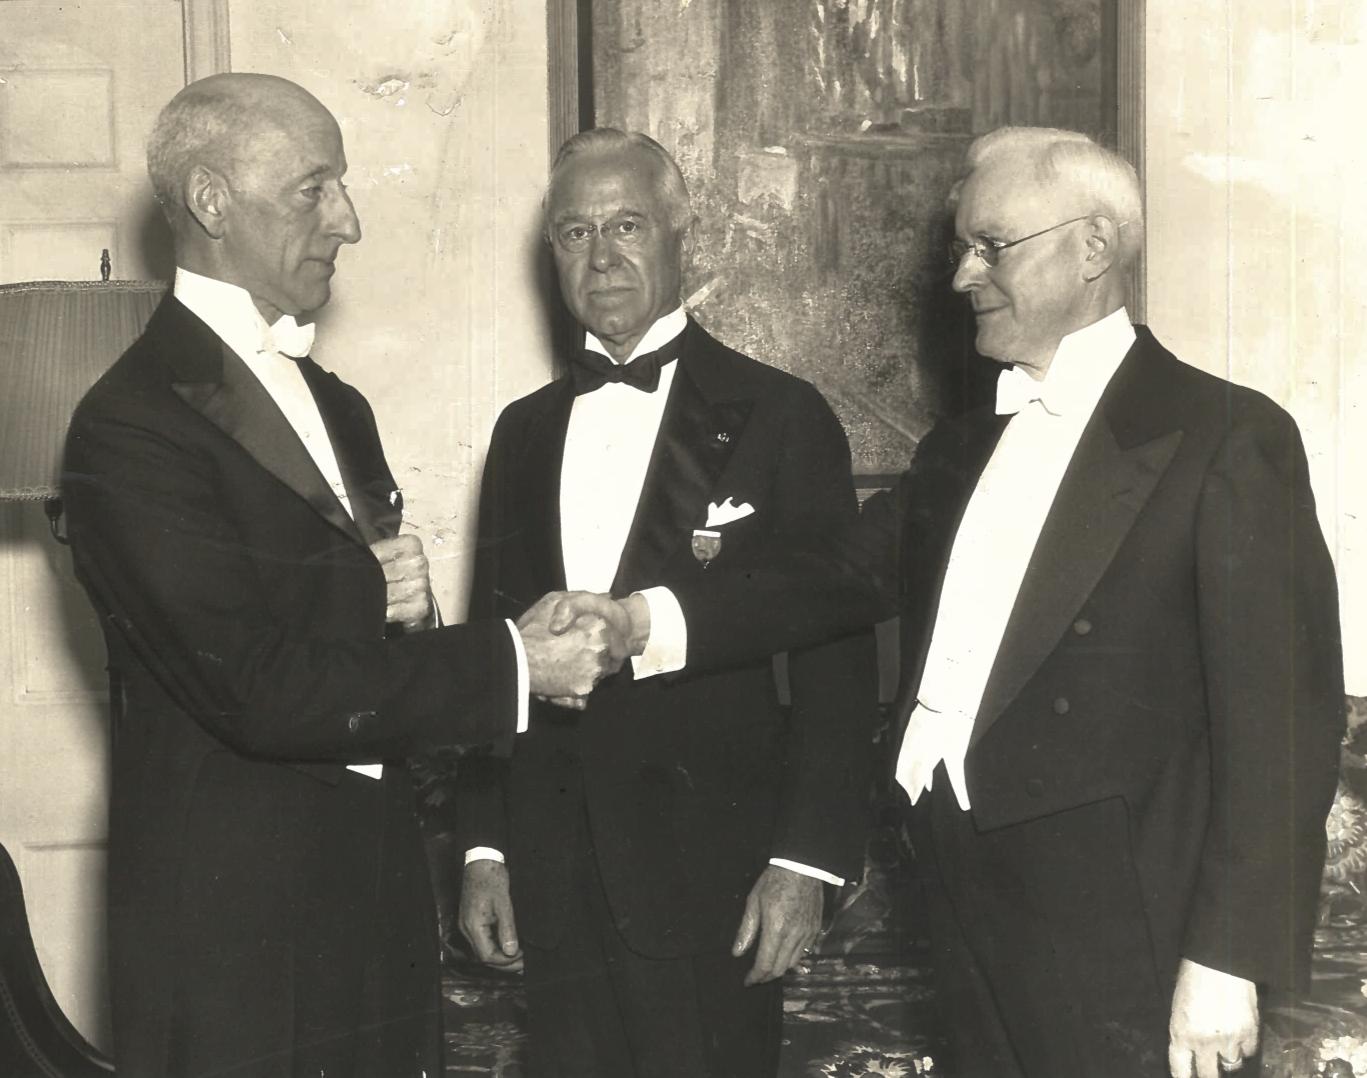 C. Stuart Gager, past president, H.H. Clarke, treasurer, and Henry Fletcher, president, in 1935.